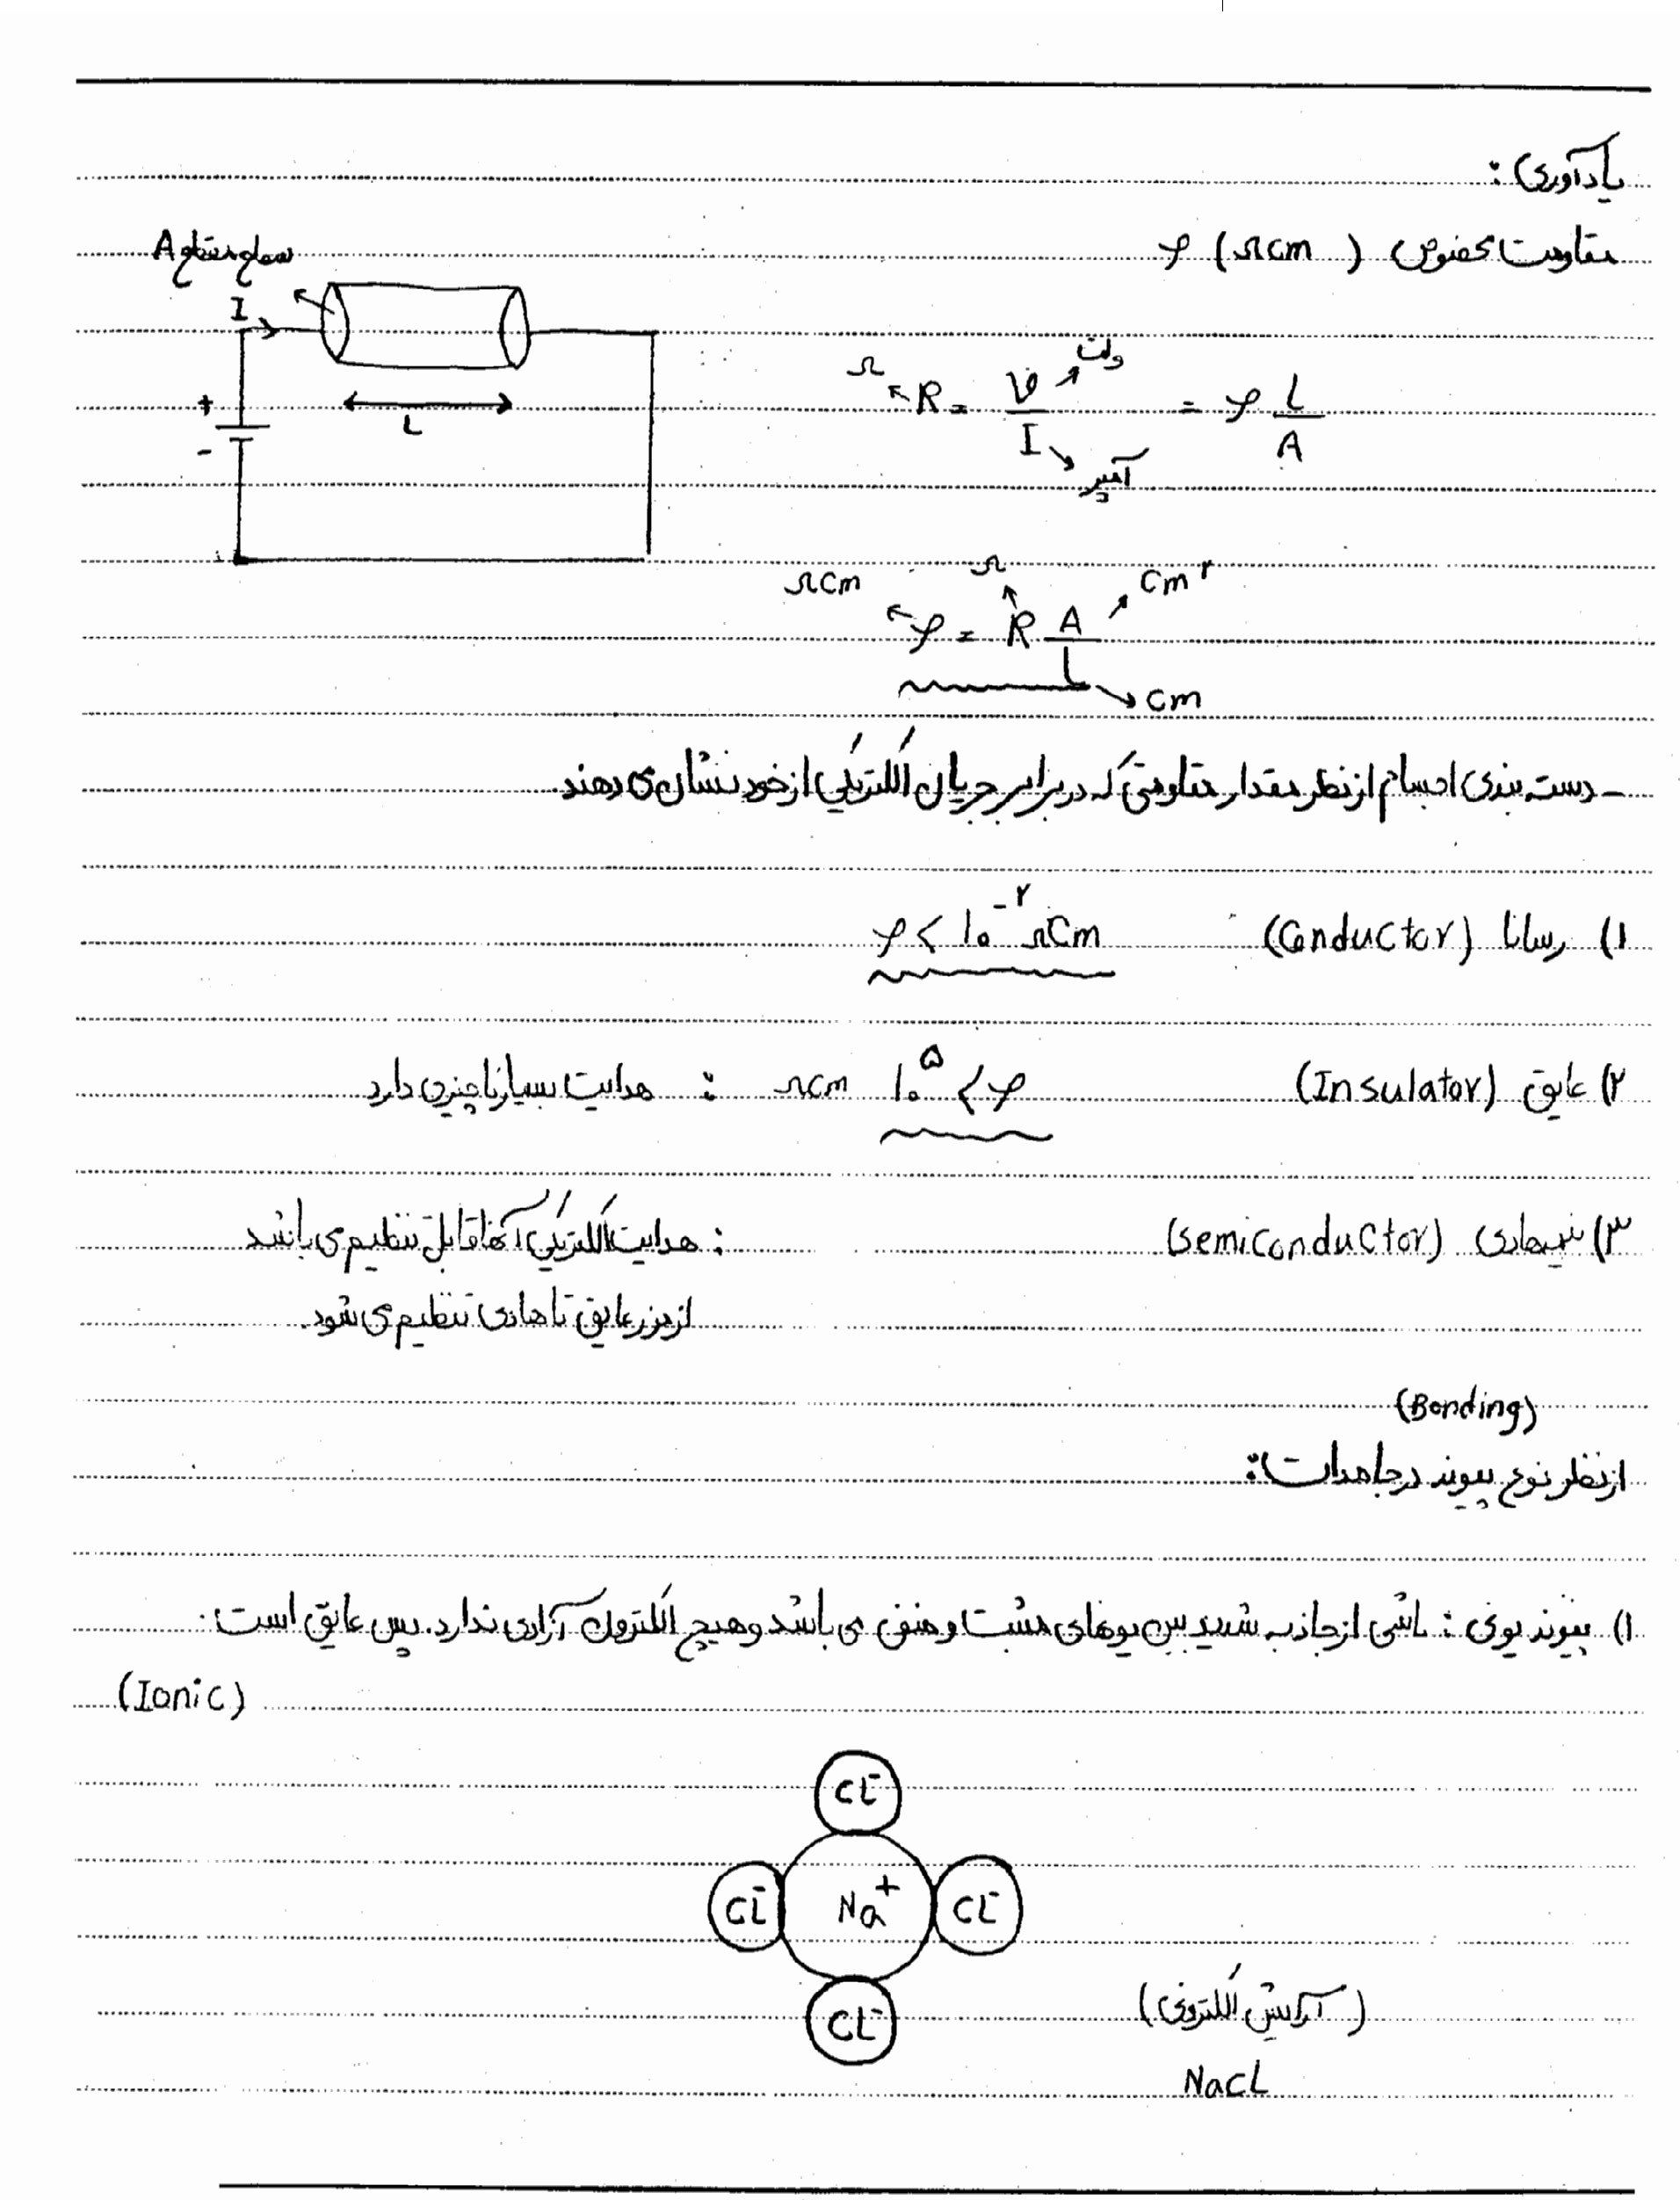 جزوه فیزیک الکترونیک